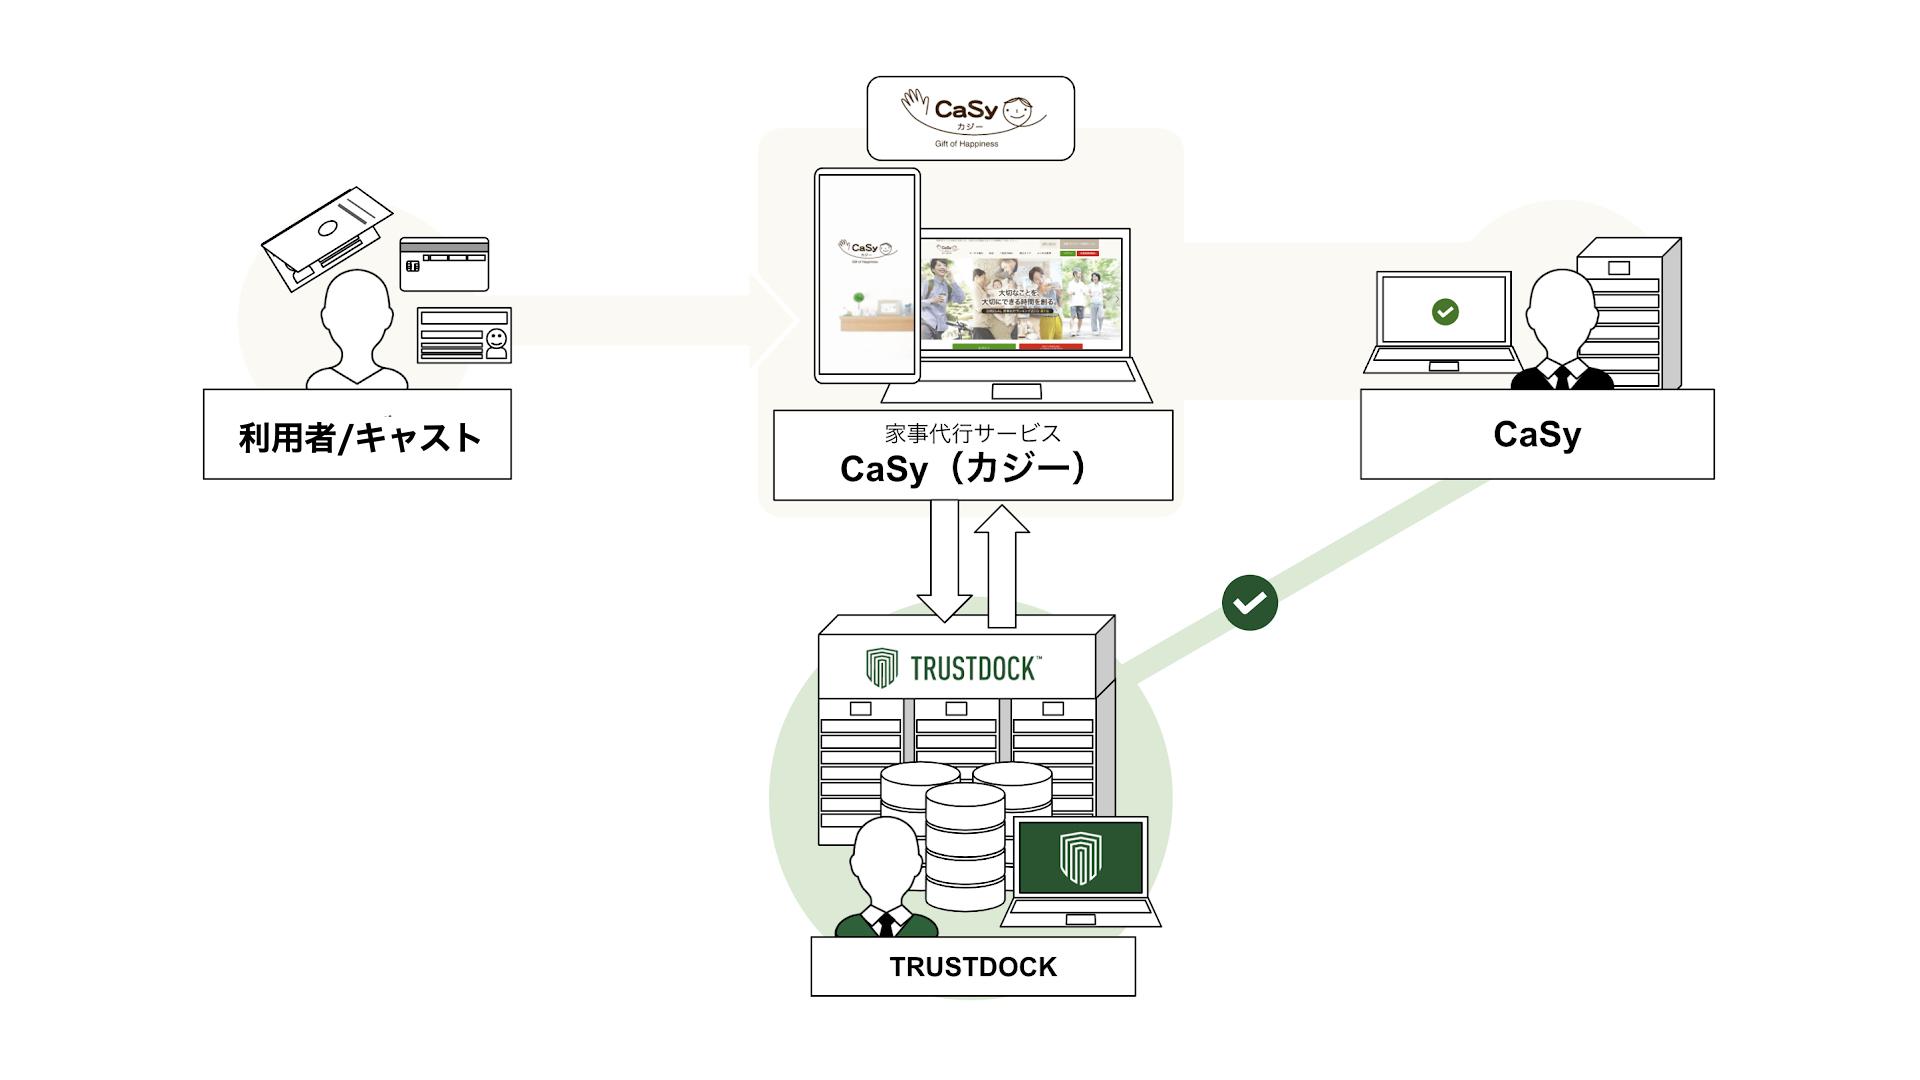 家事代行のCaSyと本人確認APIのTRUSTDOCK、本人確認業務で提携開始